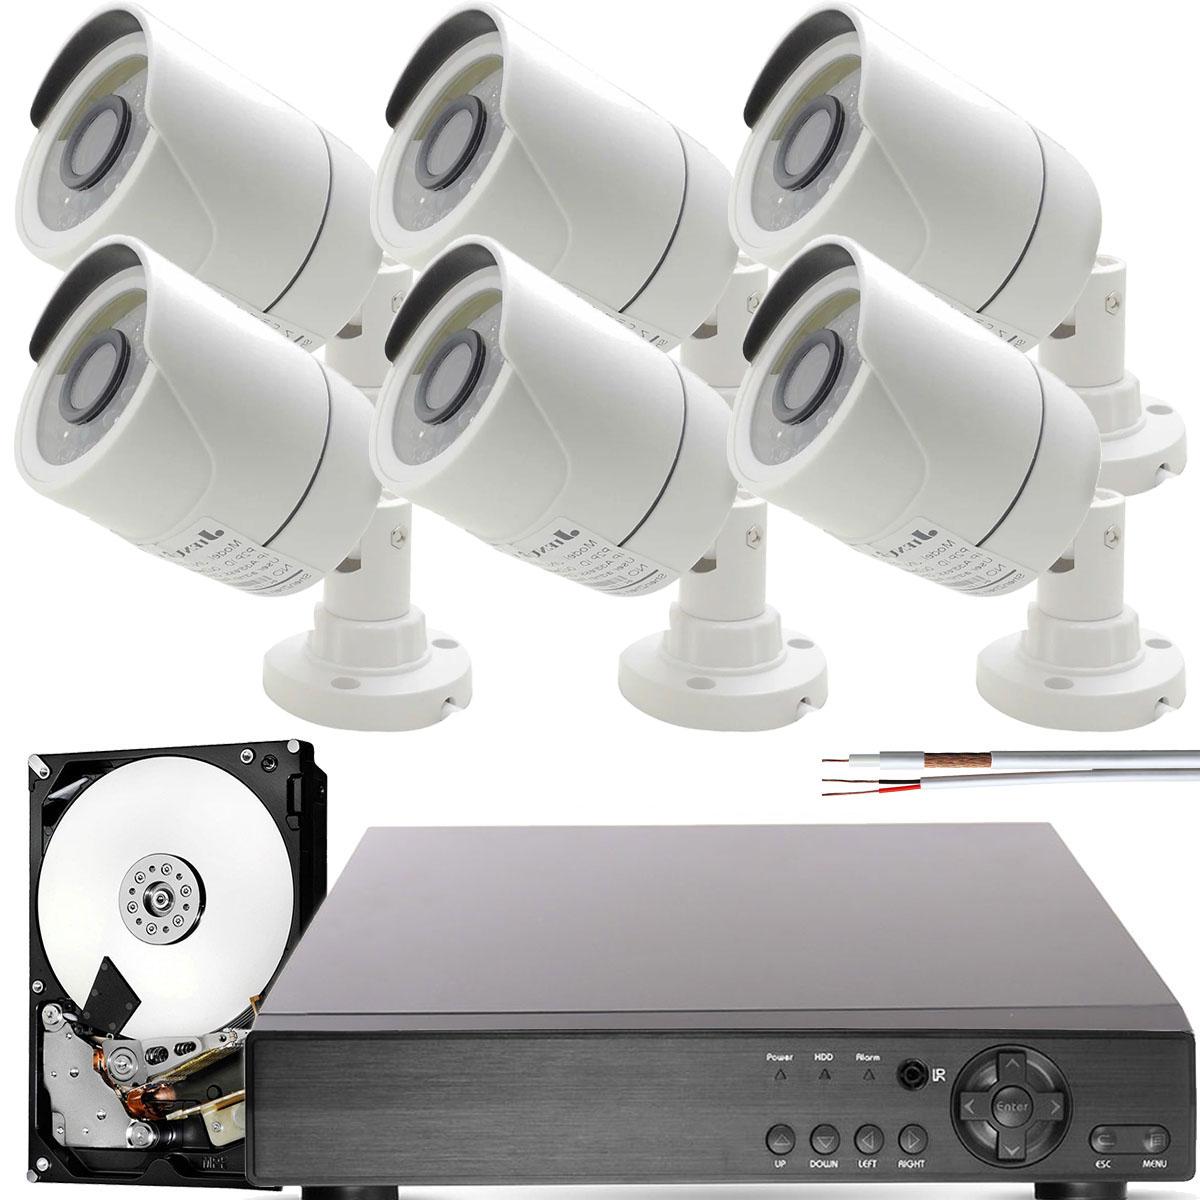 Kit 6 Cameras de Segurança Hd Infravermelho App Cloud Dvr 8 Canais